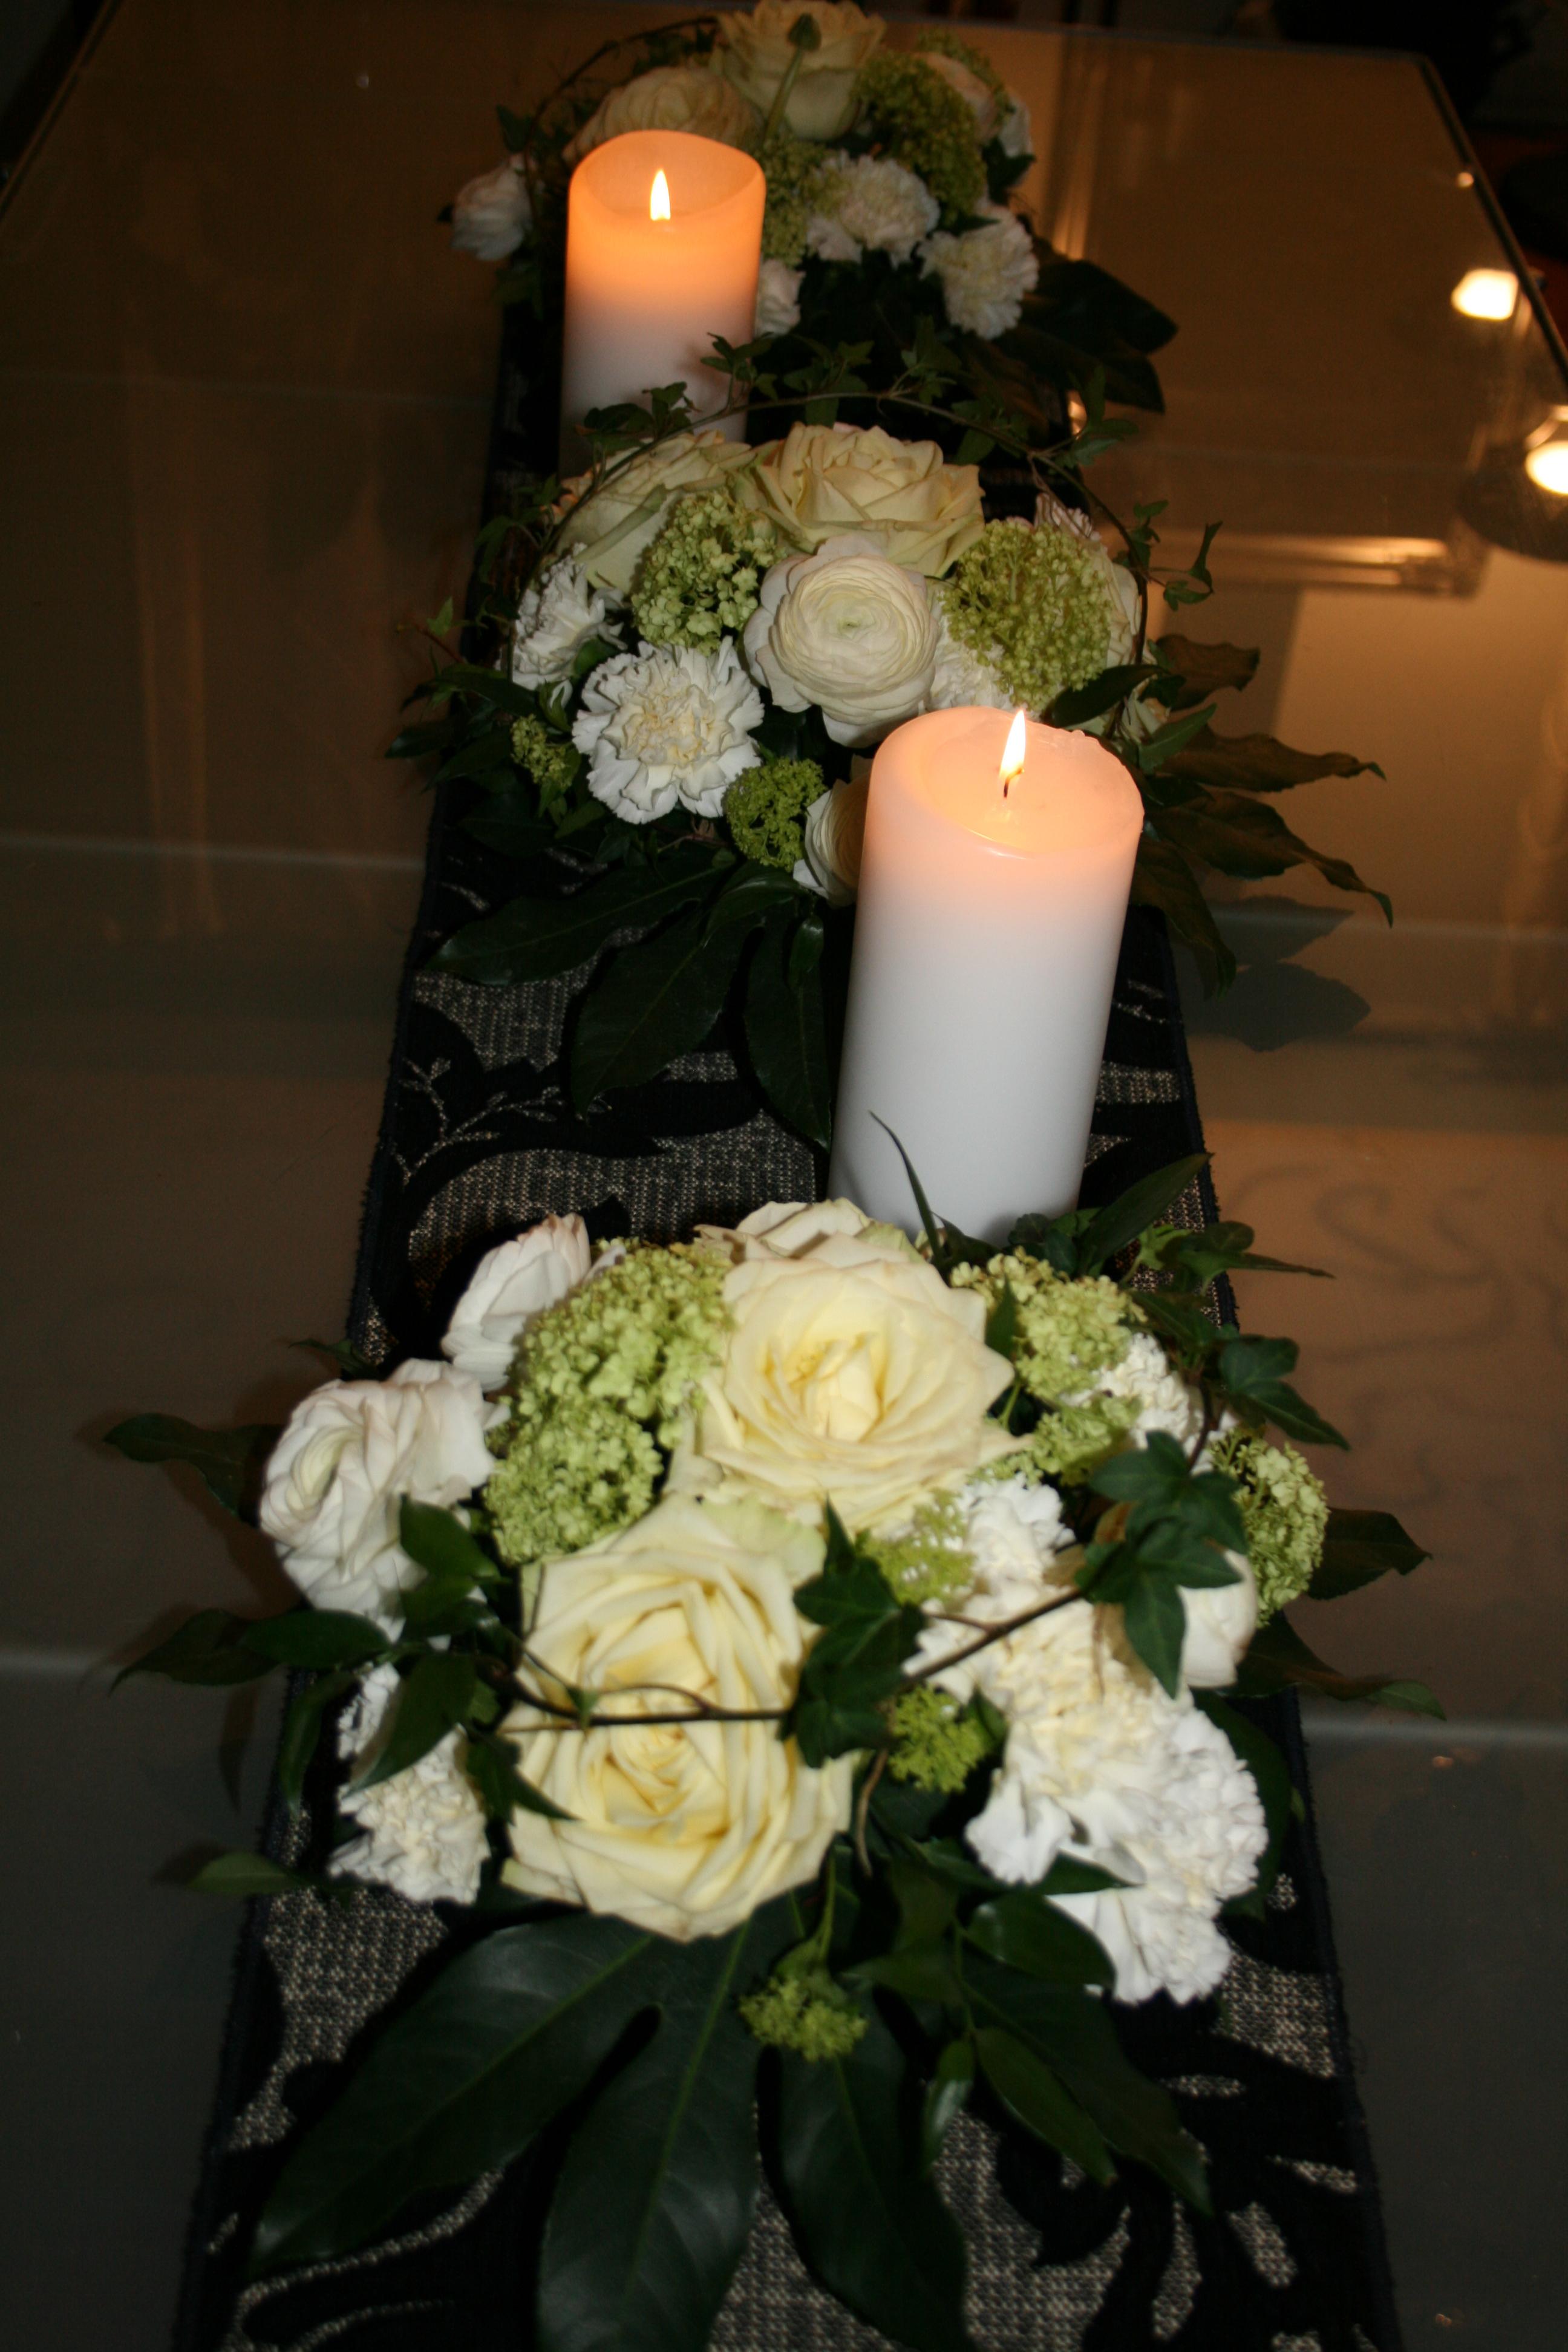 Ruusu, ranuculus & viburnum